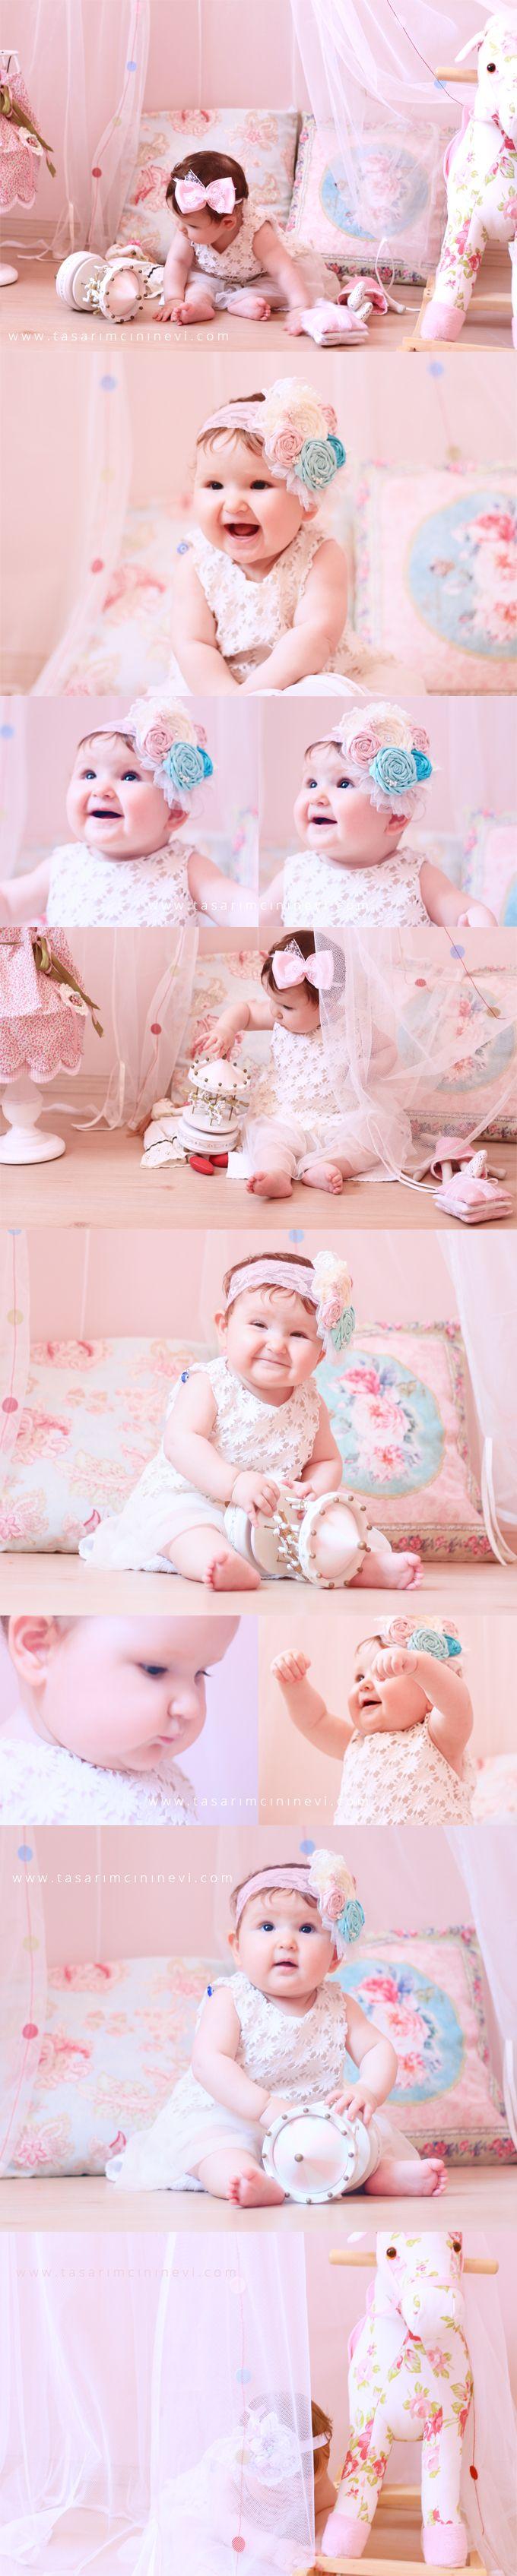 FOTOĞRAF: Asya kız 7 aylık! #asyakale #asyabüyürken #bebek #kızbebek #babygirl #baby #pastel #pastelbaby #photography #bebekfotoğrafları #babyphotography #tasarımcınınevi #dogankale